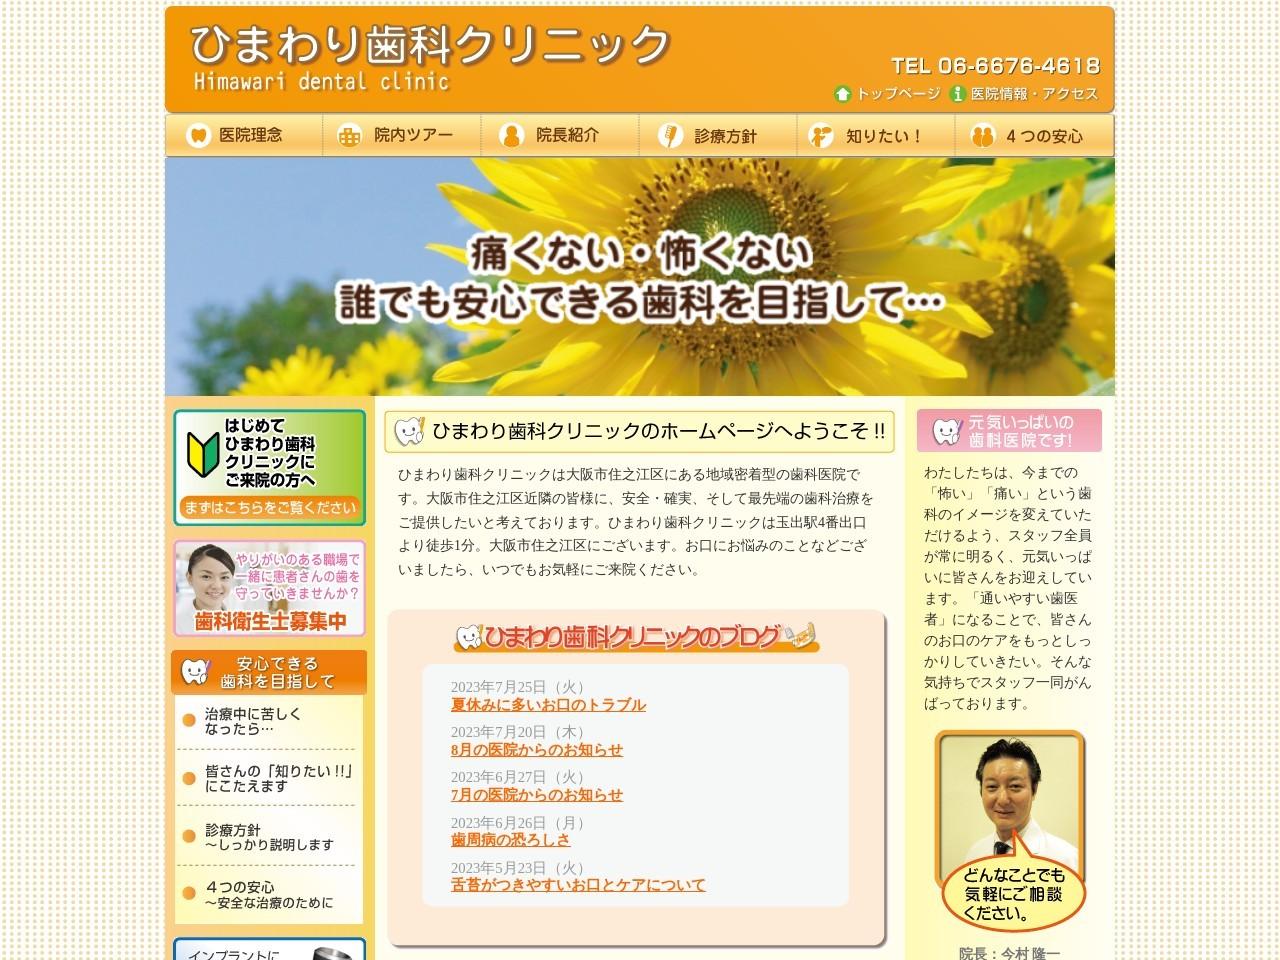 ひまわり歯科クリニック (大阪府大阪市住之江区)